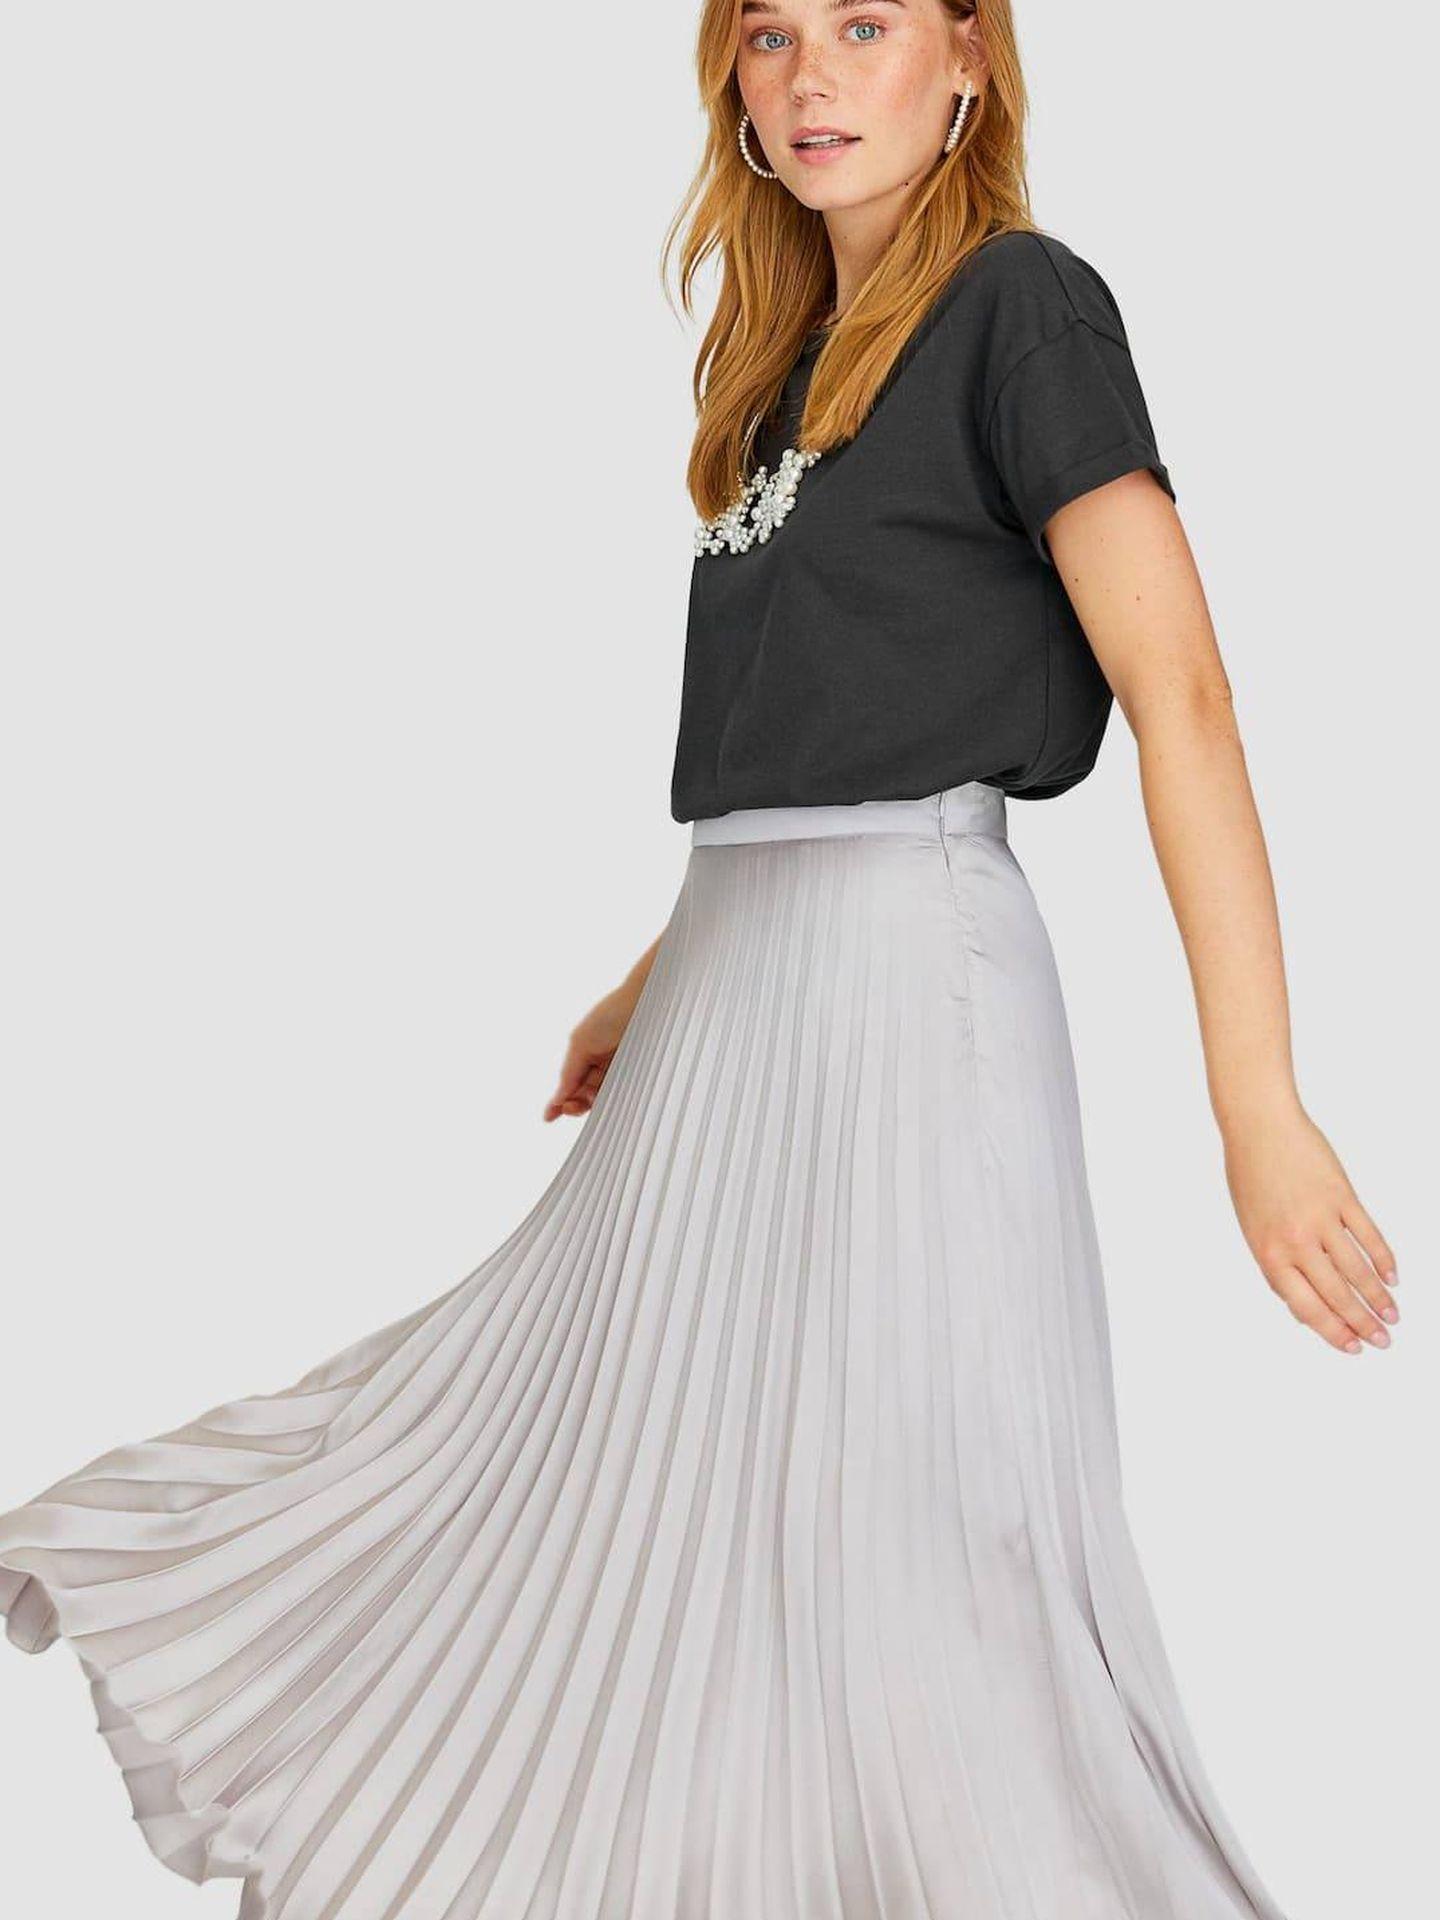 Falda plisada satinada. (Cortesía)